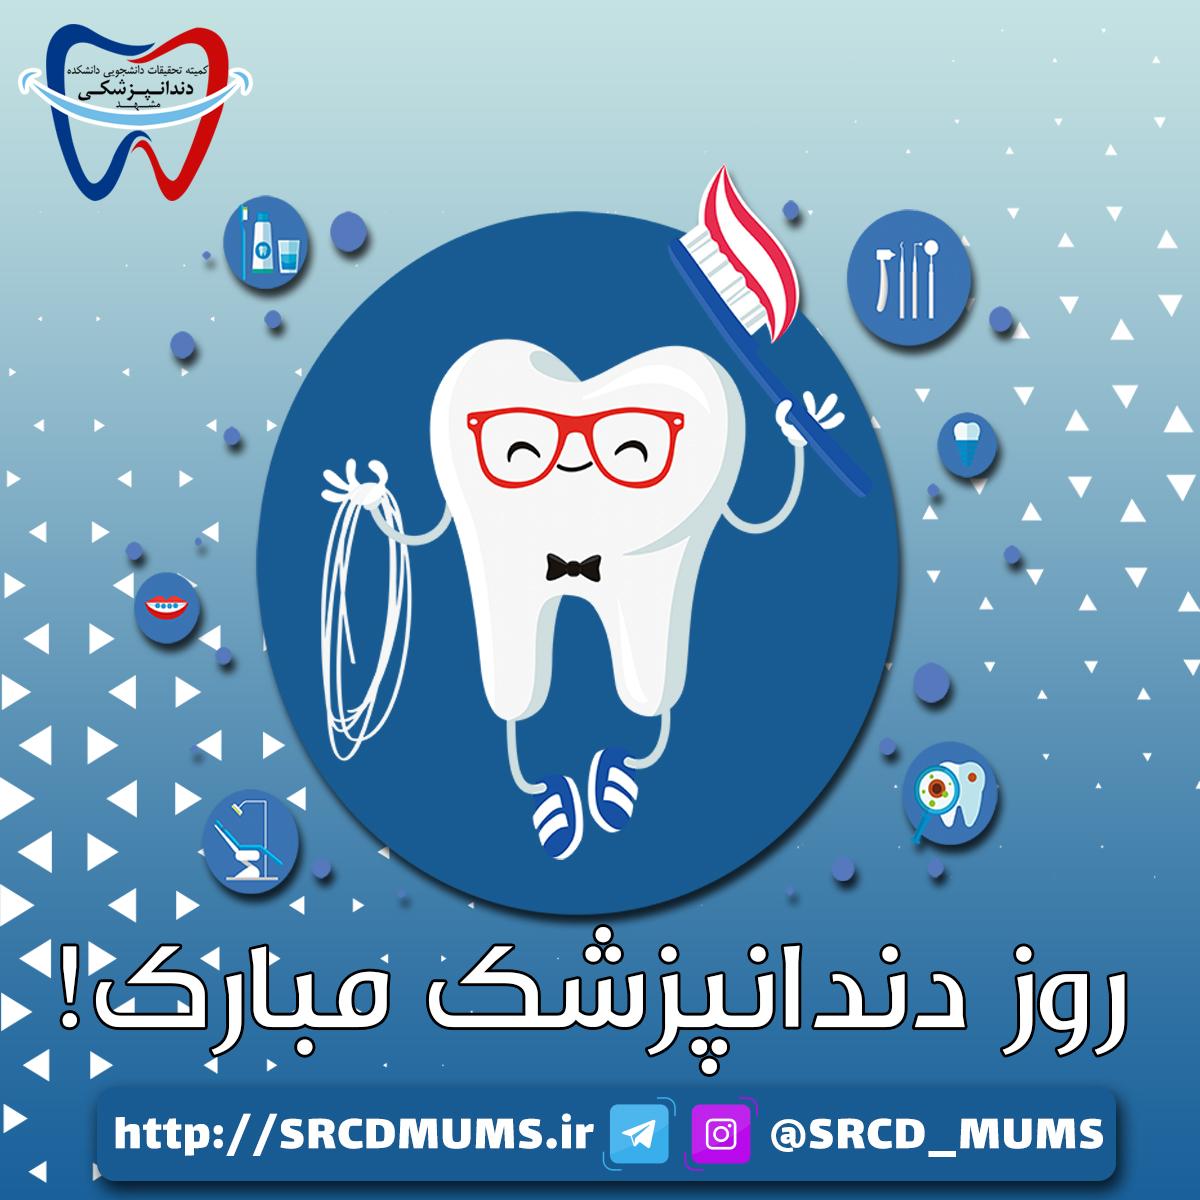 روز دندانپزشکی مبارک!